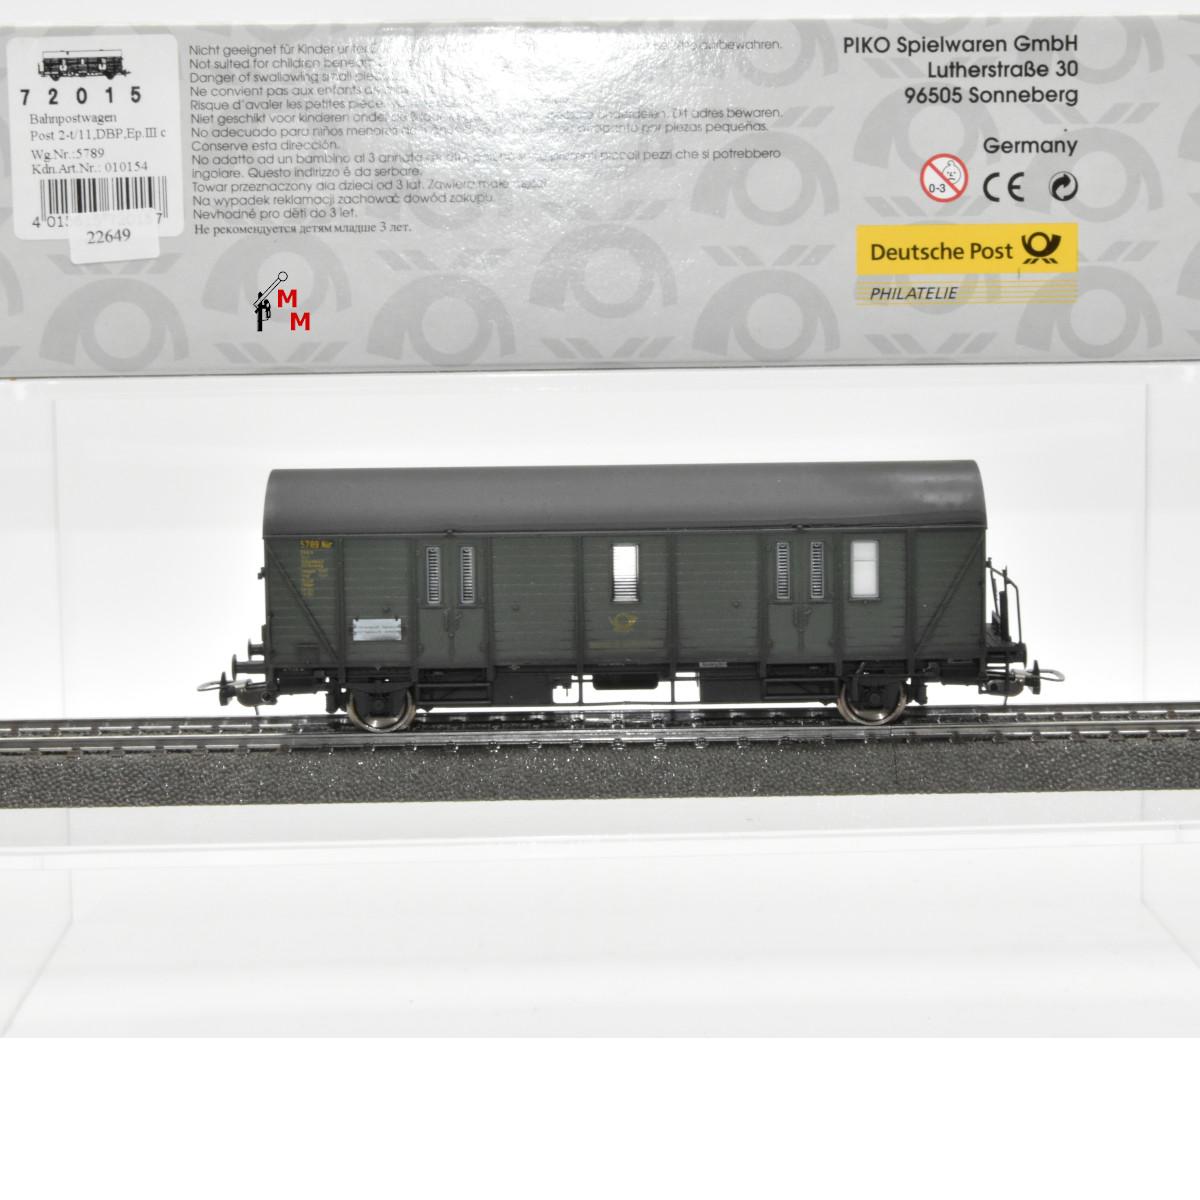 Piko 72015 Bahnpostwagen der DBP, Ep.III, (22649)